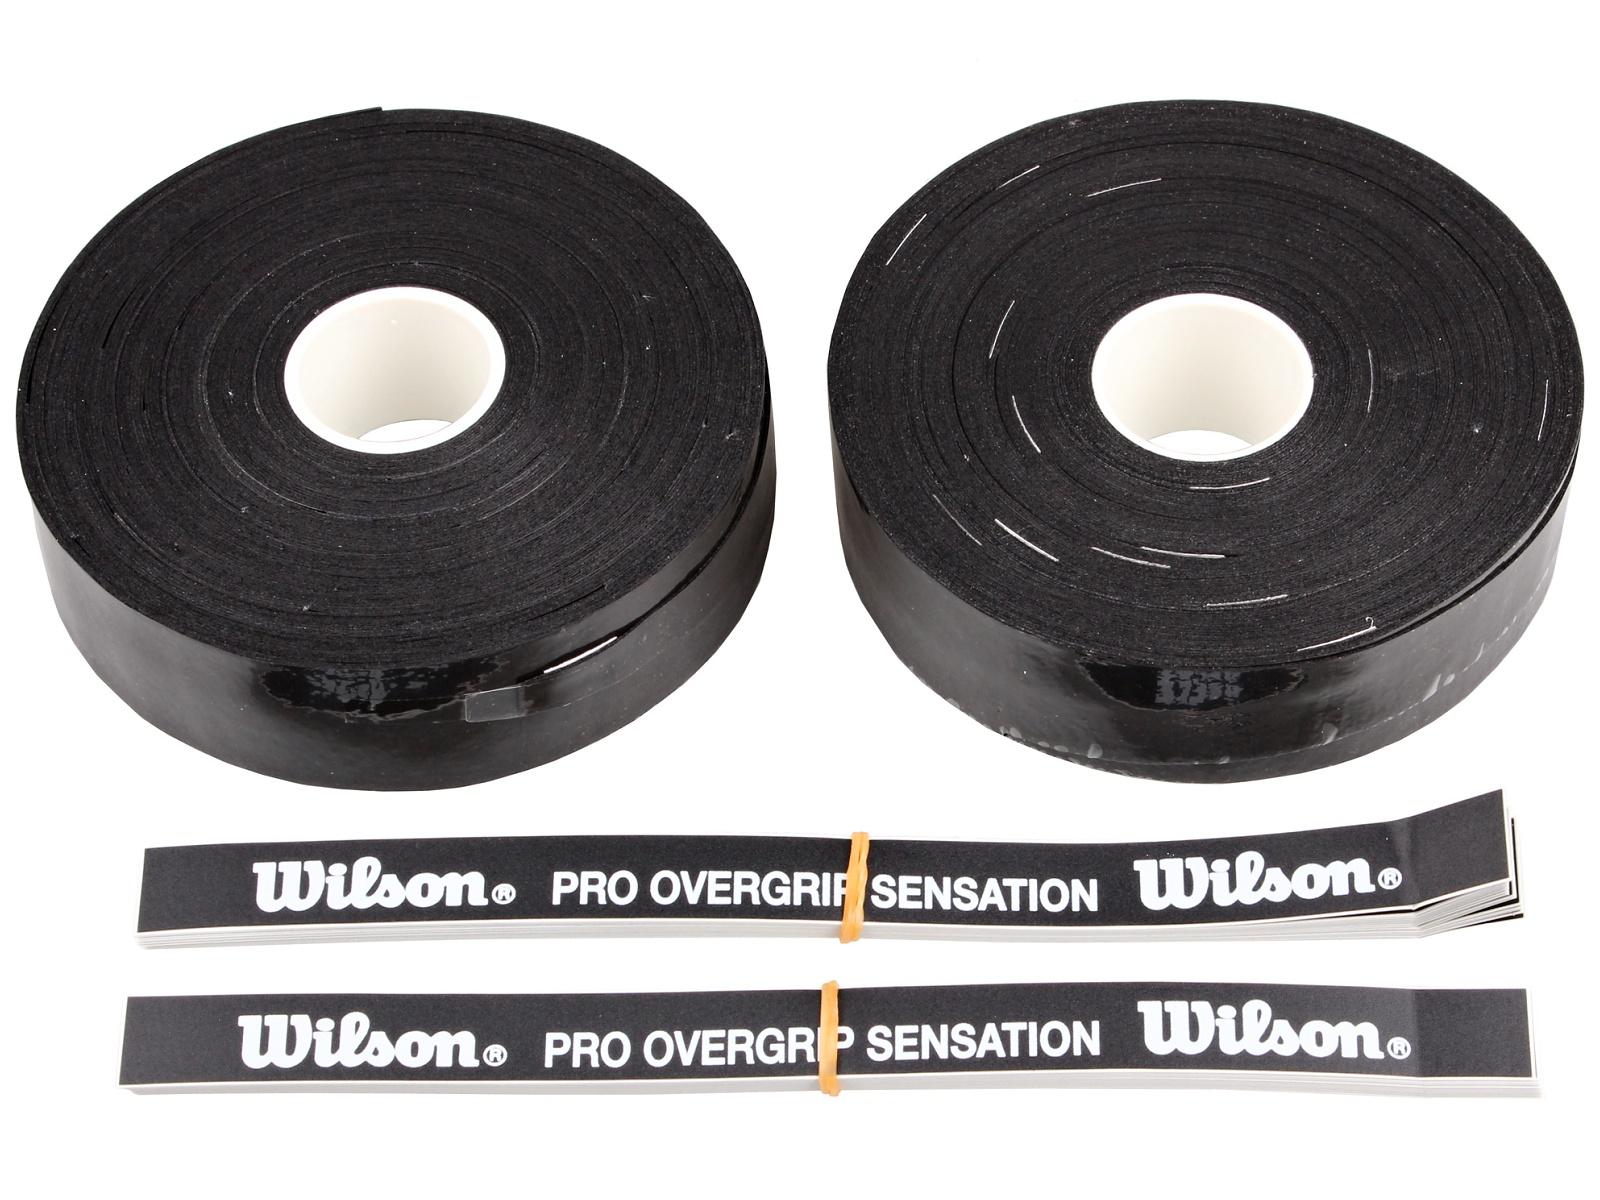 Squashová omotávka WILSON Pro Overgrip Sensation 30ks 0,4mm, blistr